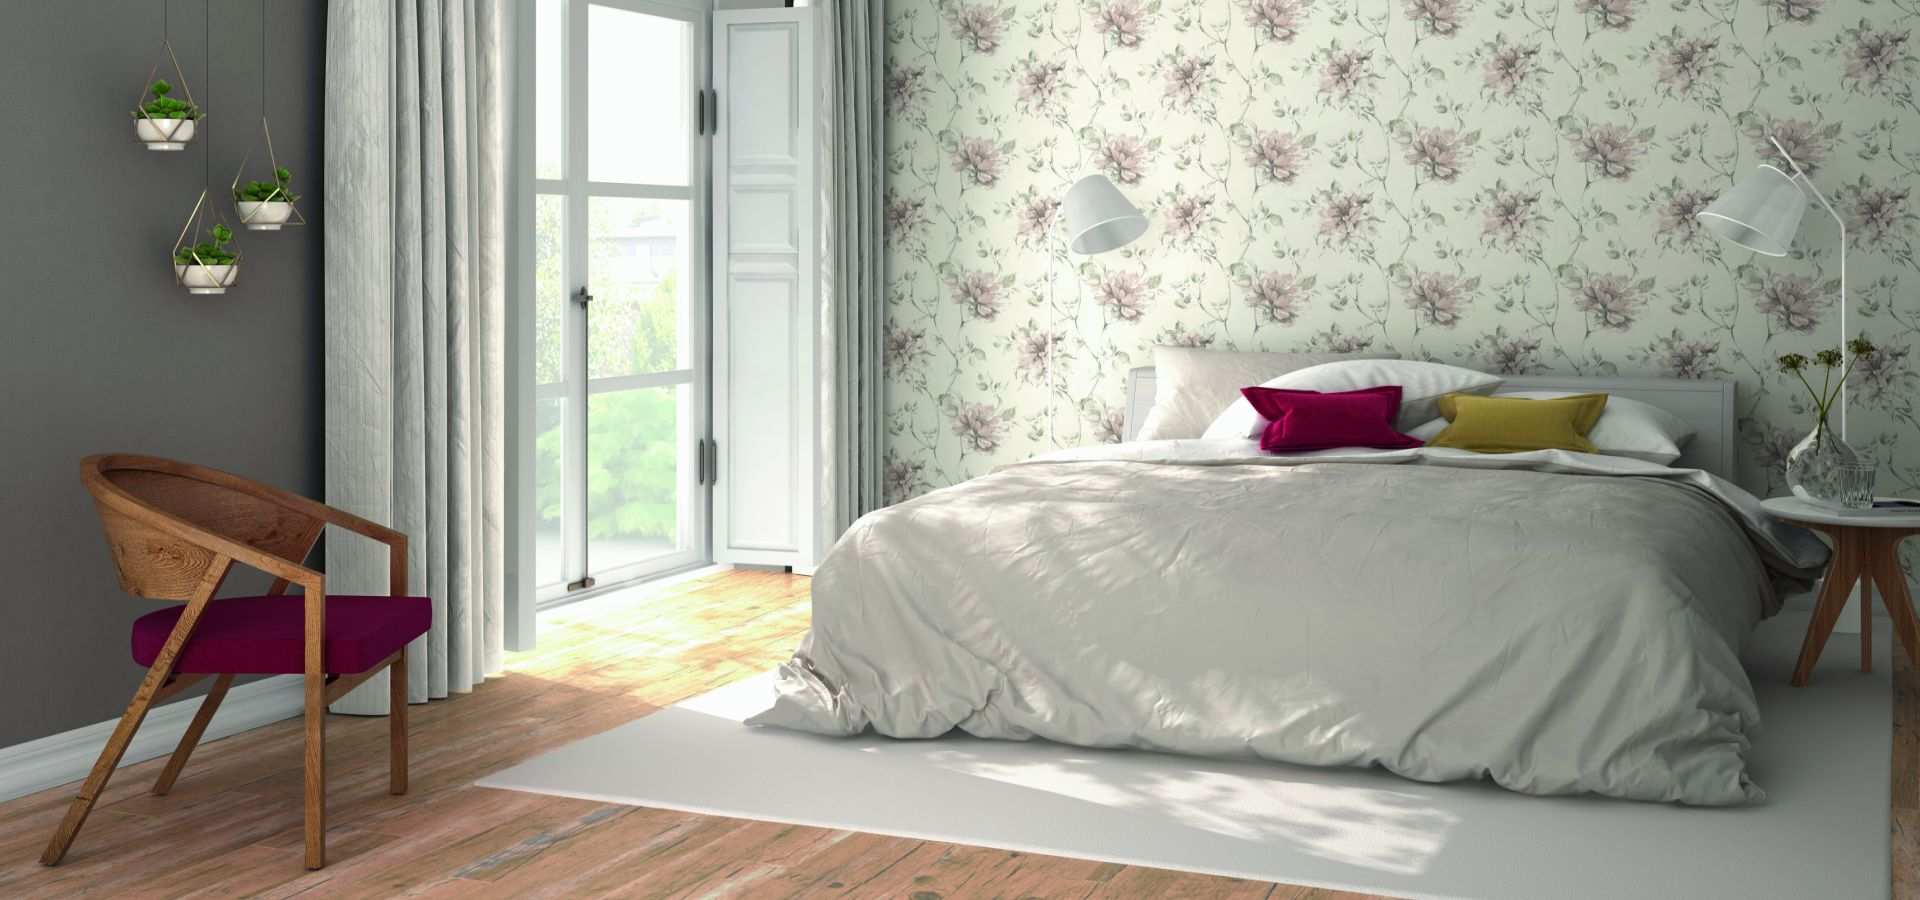 Bild Schlafzimmer Tapete floral beige